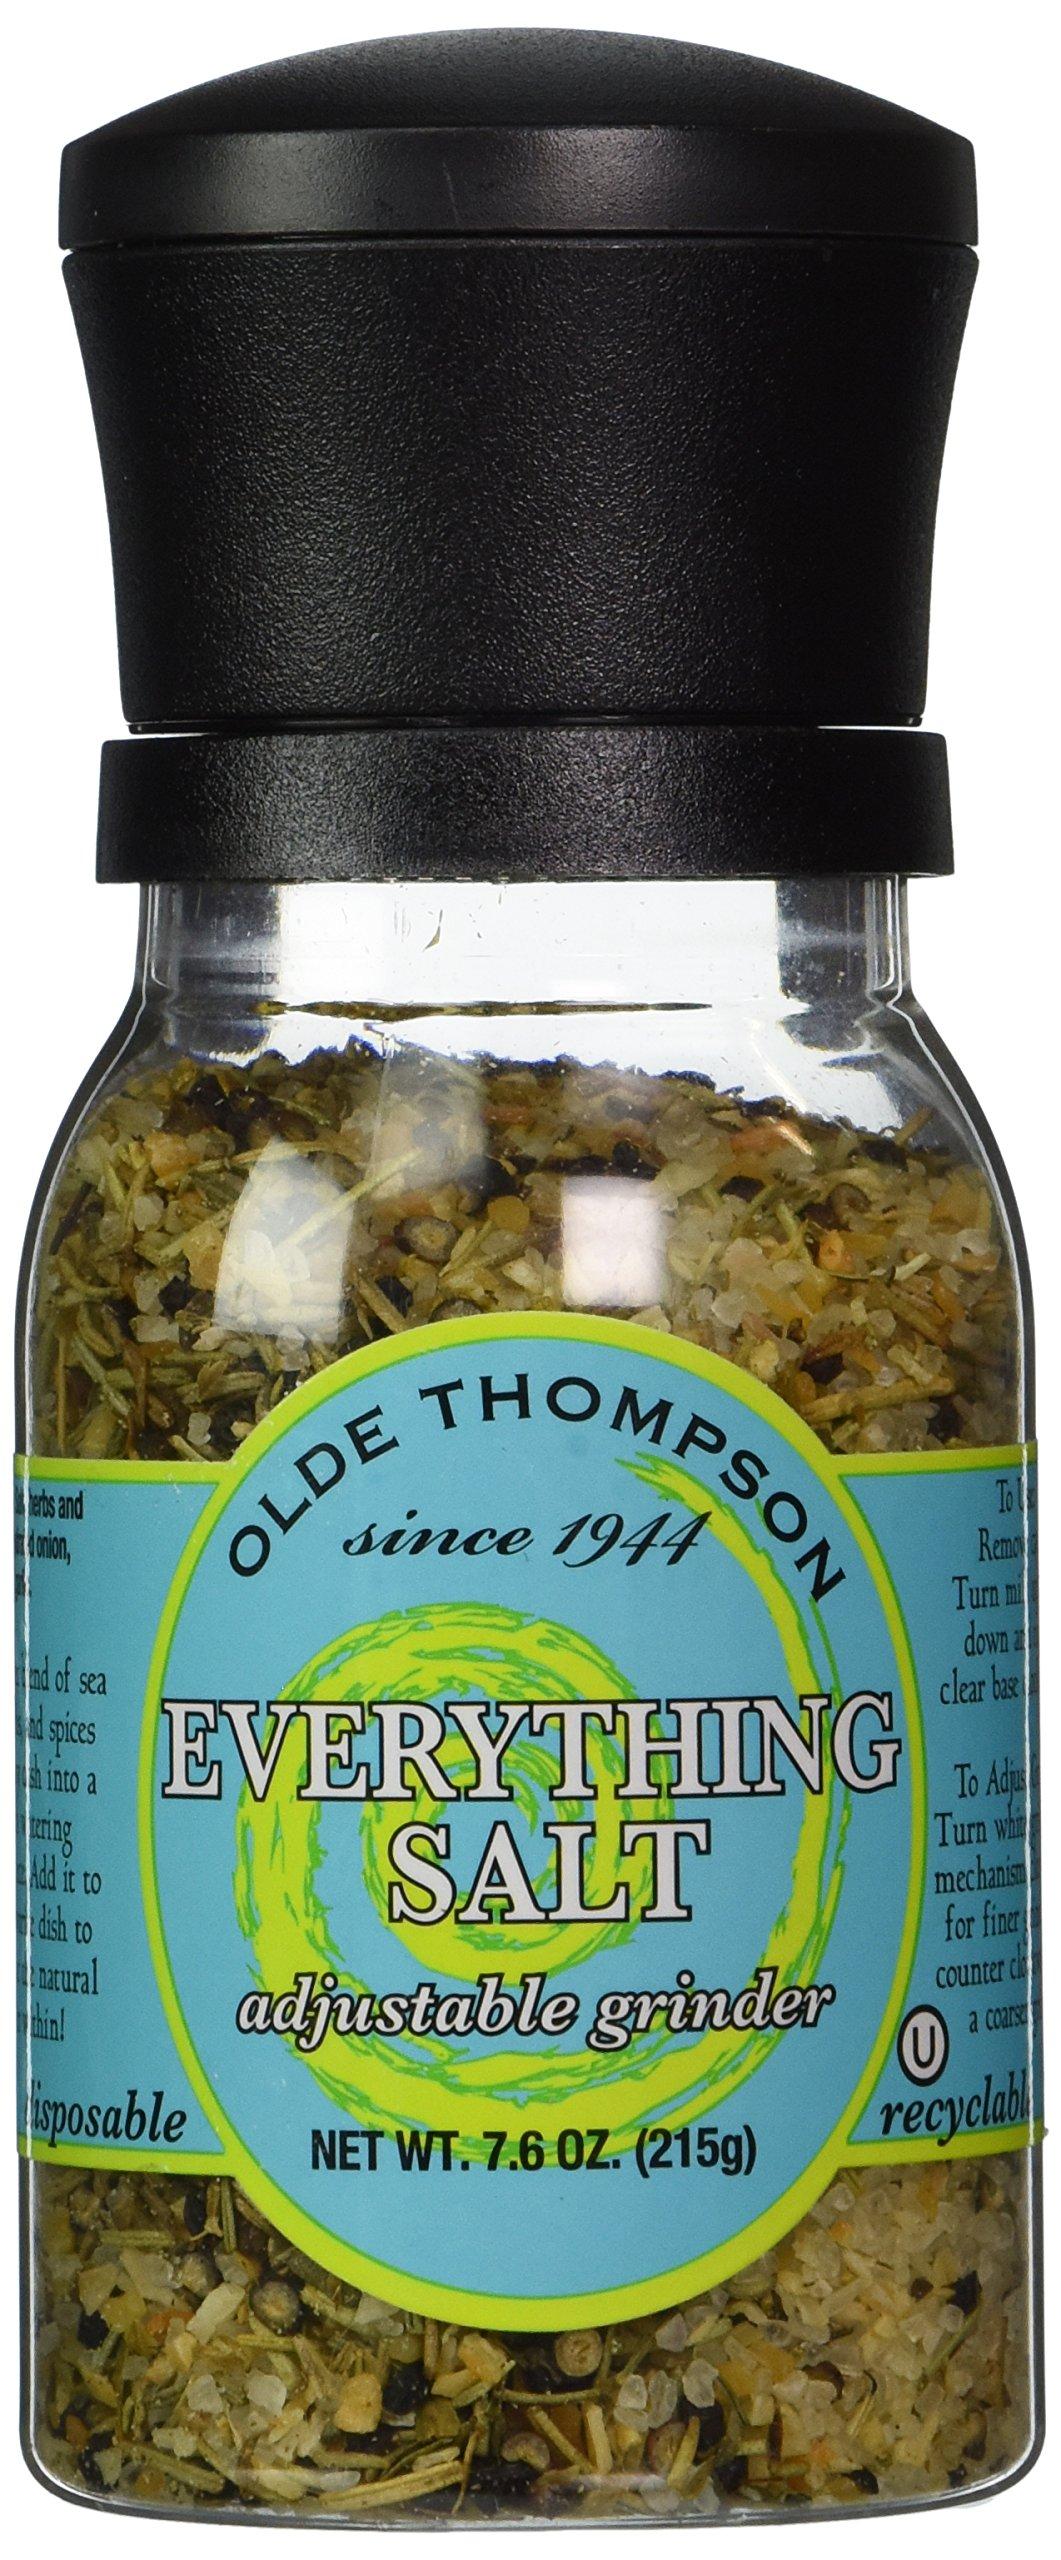 Olde Thompson Everything Salt 7.6oz Grinder (Pack of 3)